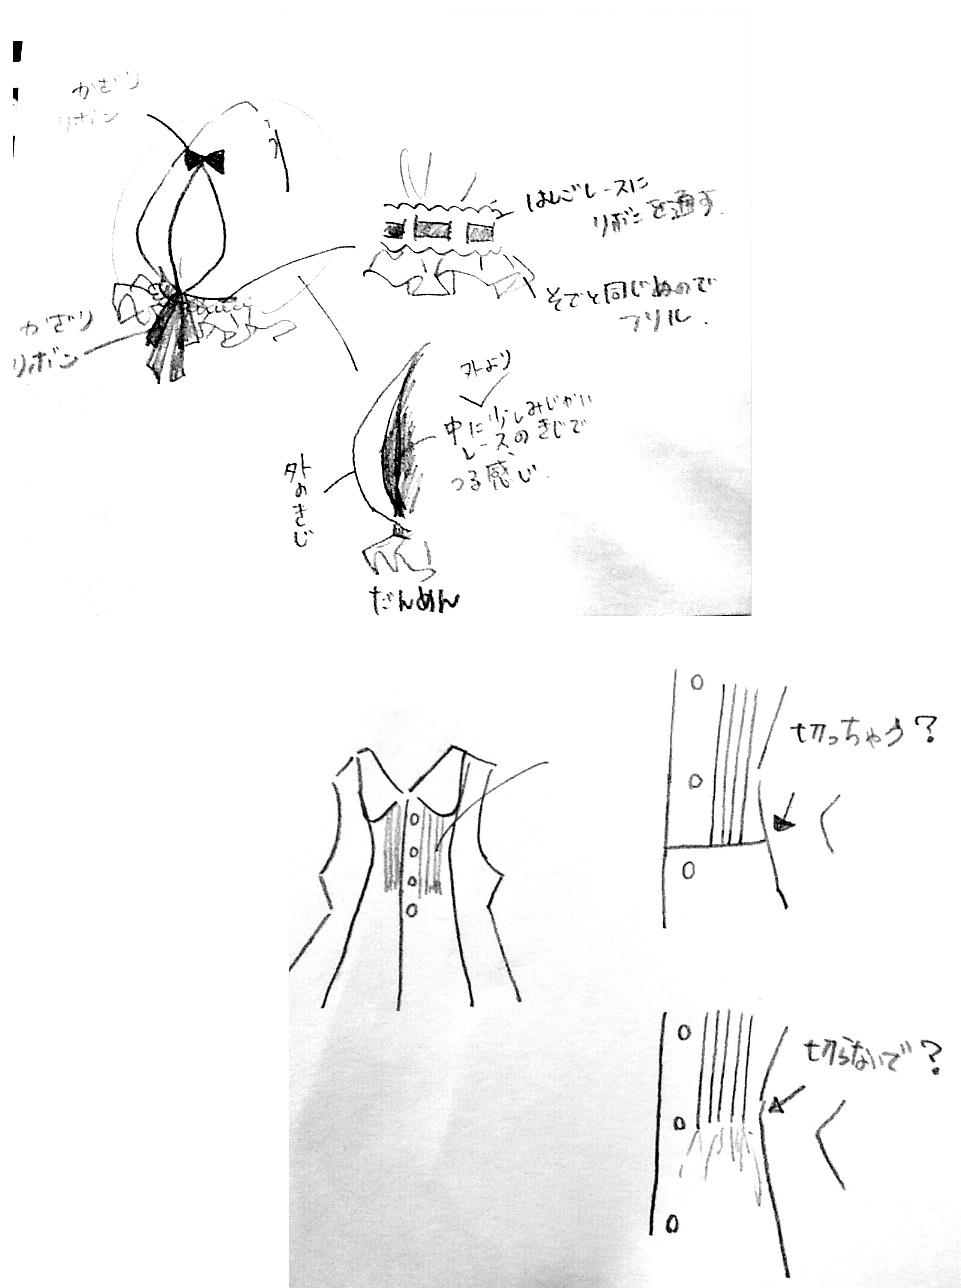 型紙の改造について